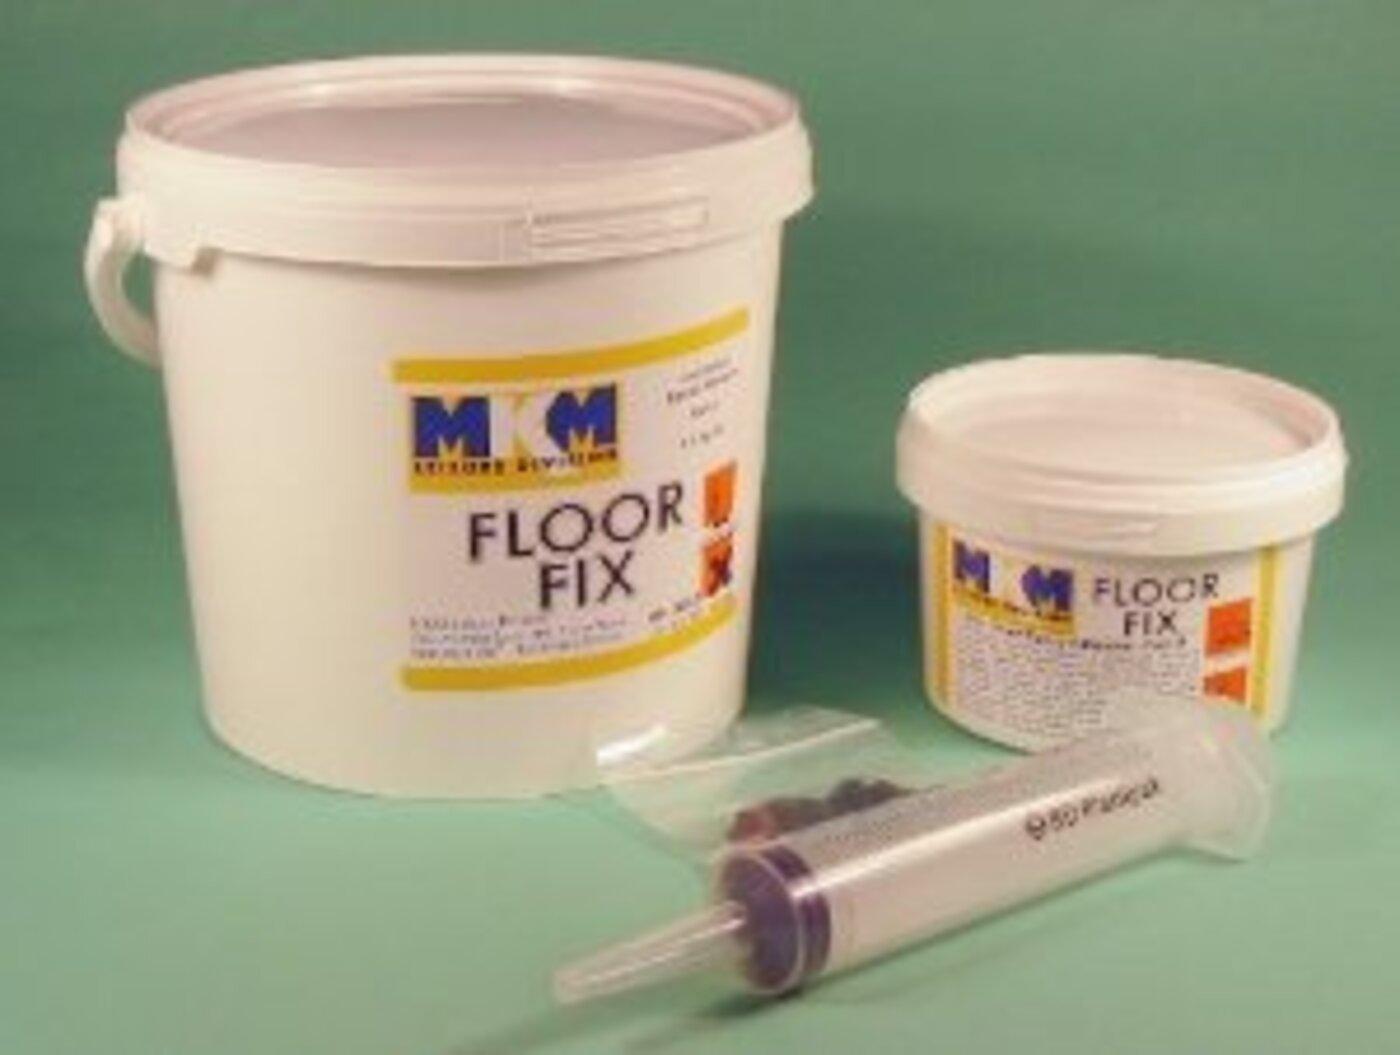 floor kit pro delamination kit. Black Bedroom Furniture Sets. Home Design Ideas